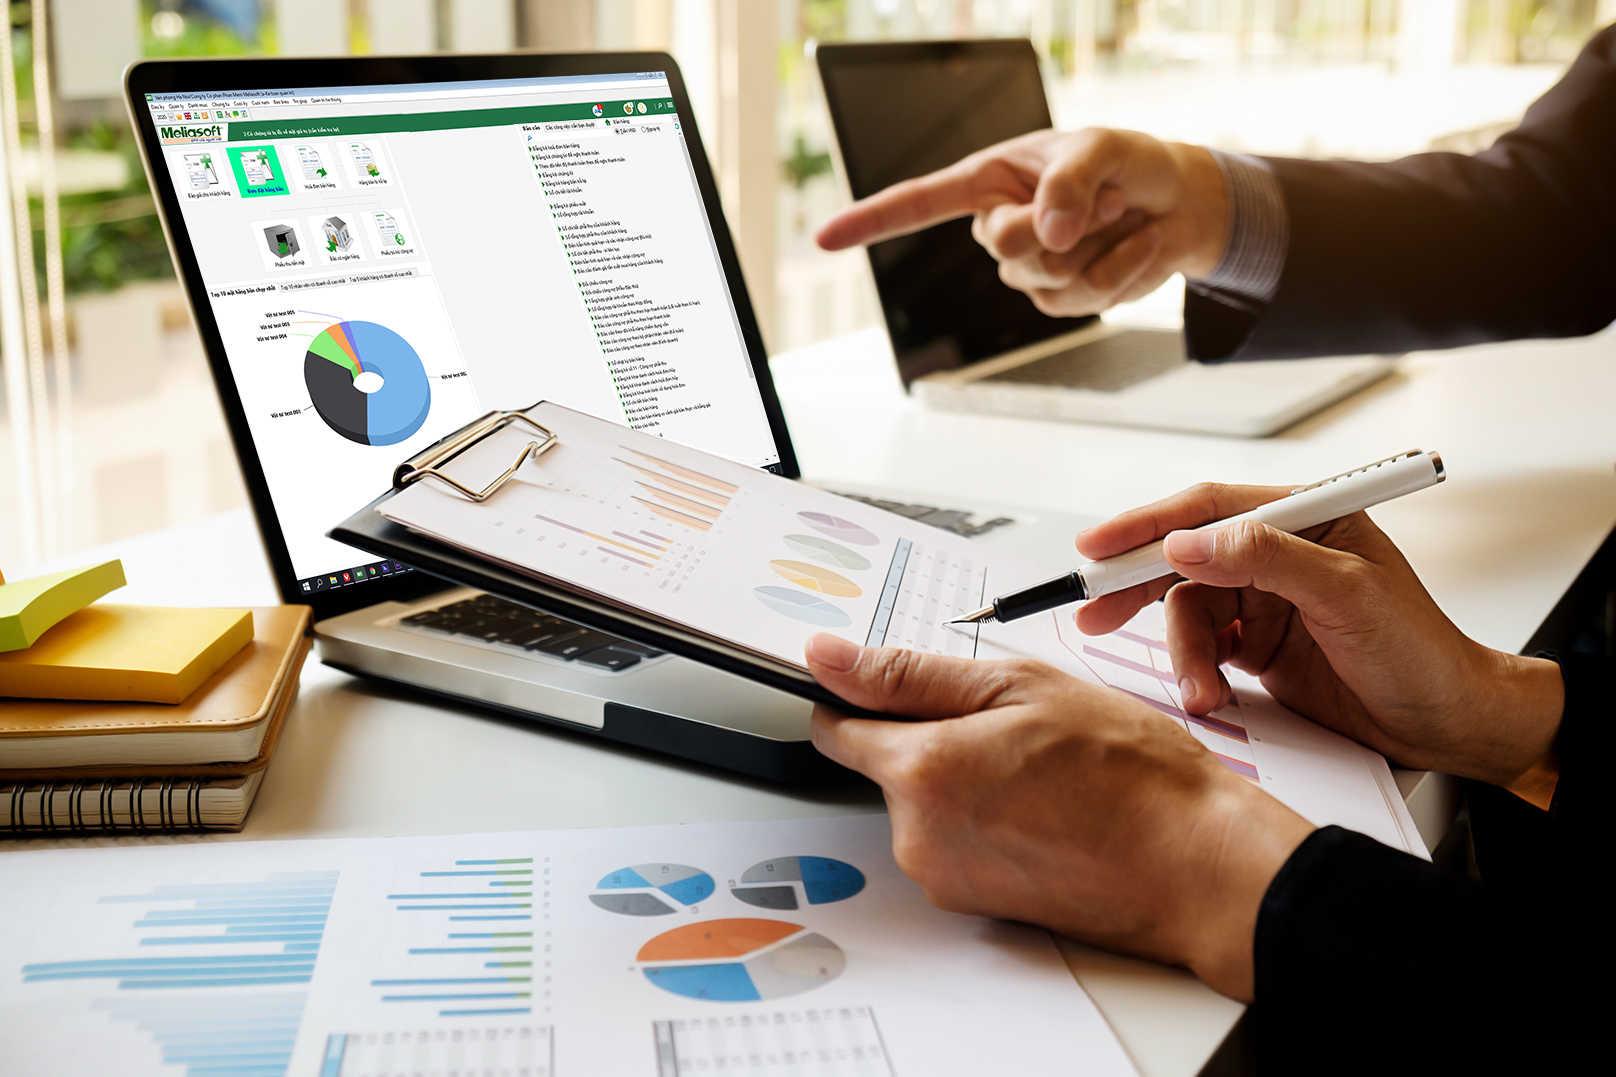 Hướng dẫn hạch toán nghiệp vụ ủy thác xuất khẩu tại bên giao và bên nhận